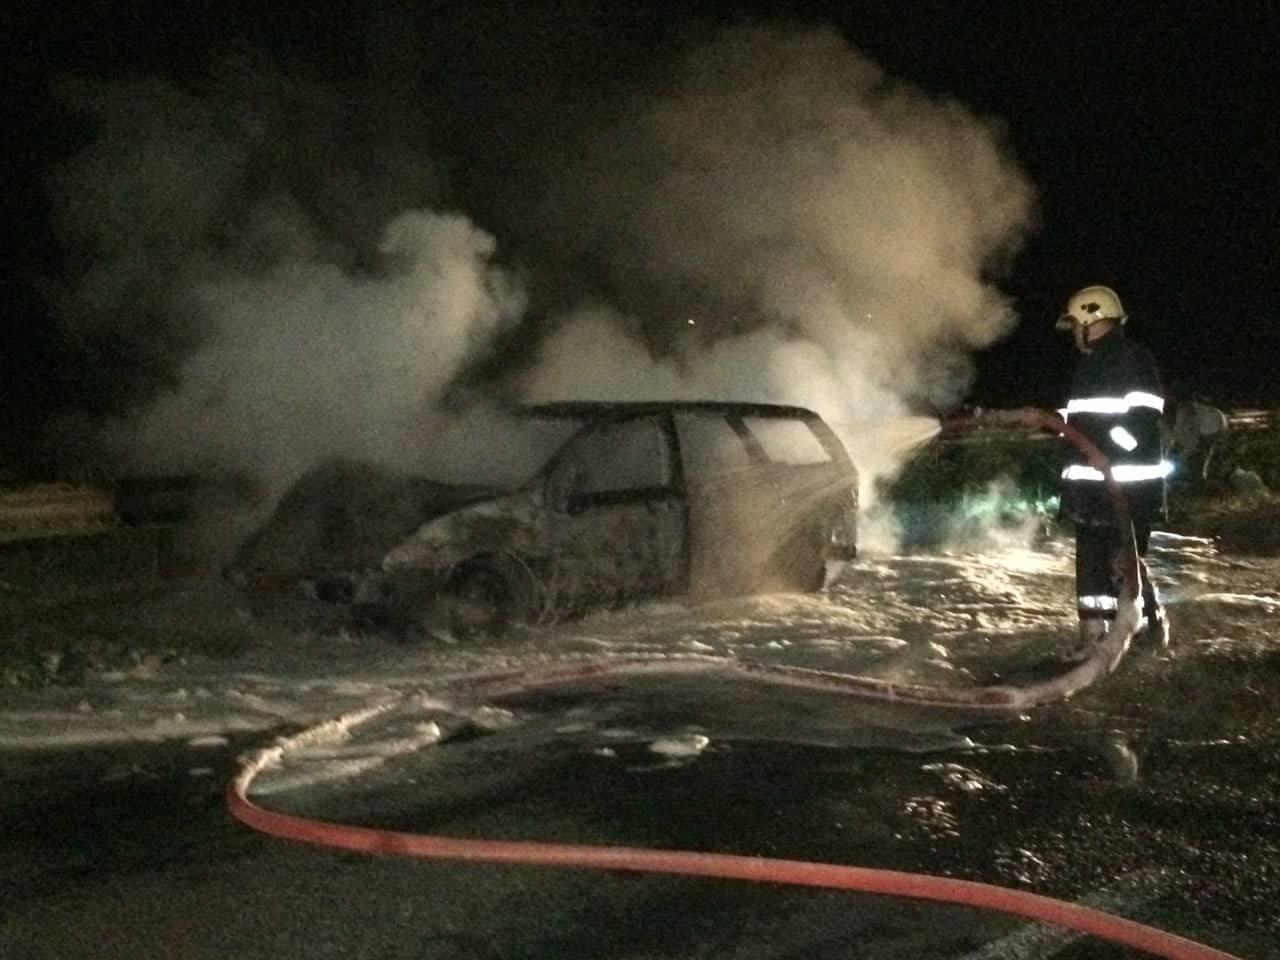 В Каушанском районе автомобиль с 4 взрослыми и ребенком загорелся на ходу